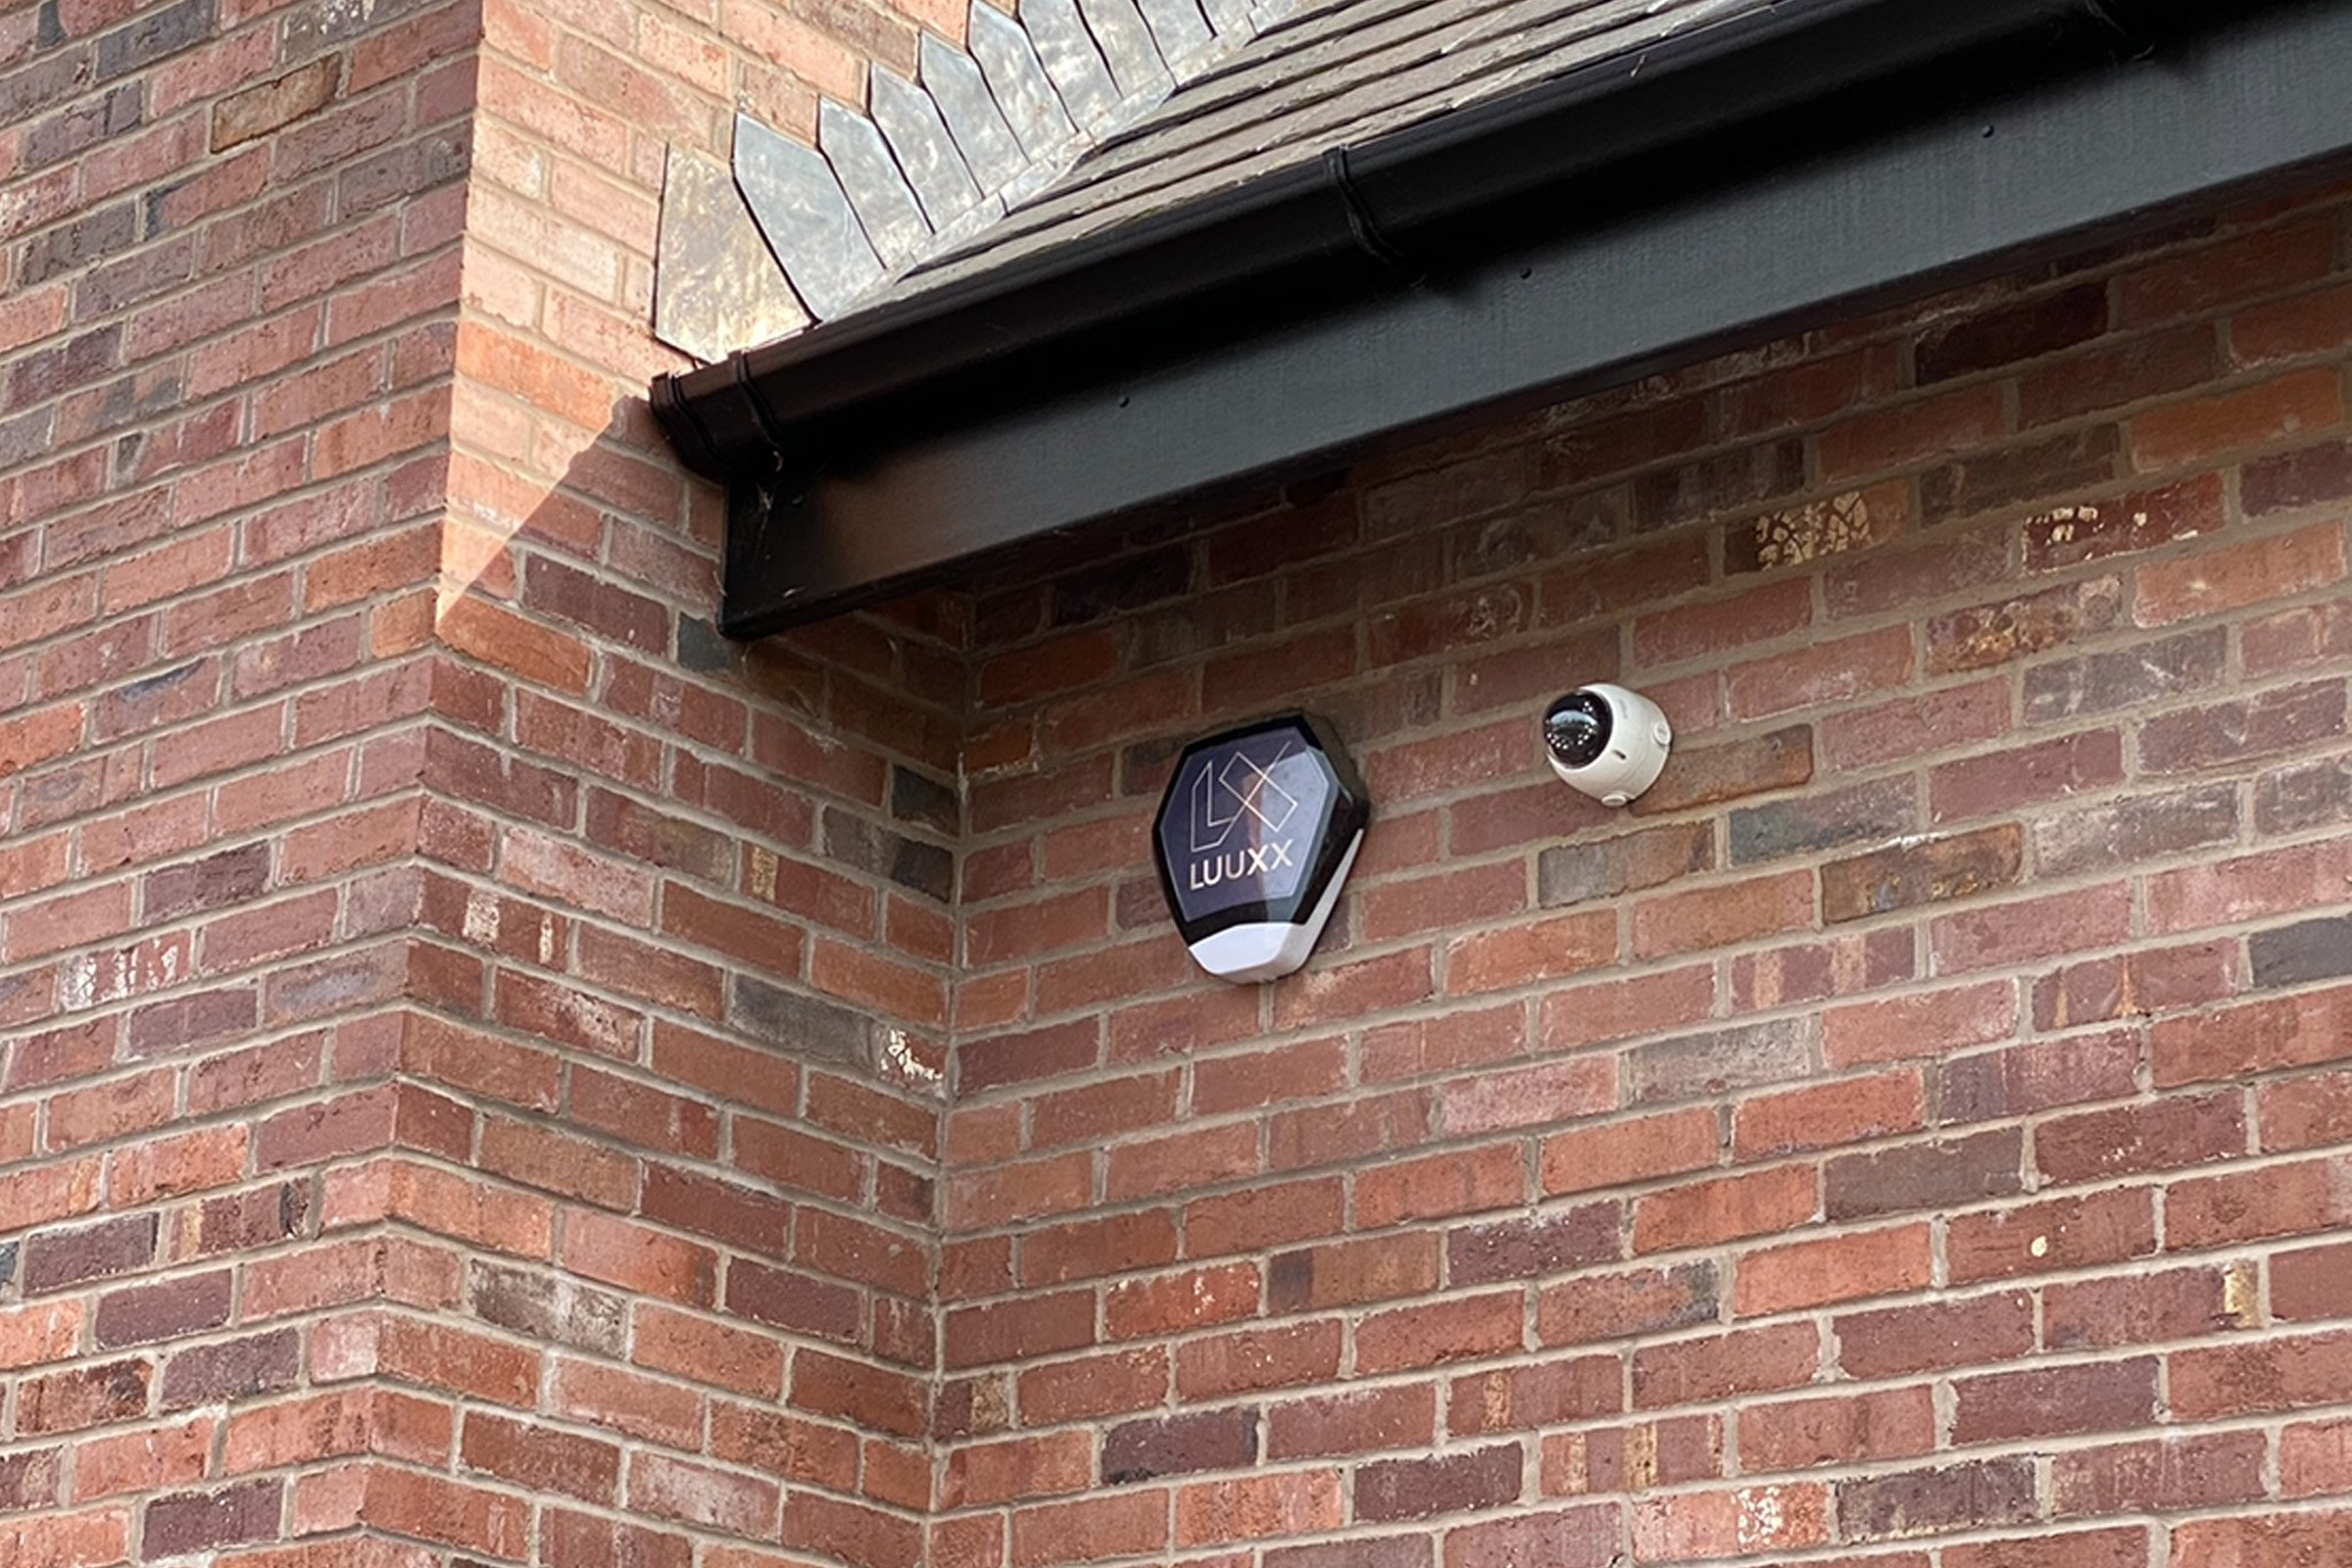 Texecom alarm system and Dahua CCTV